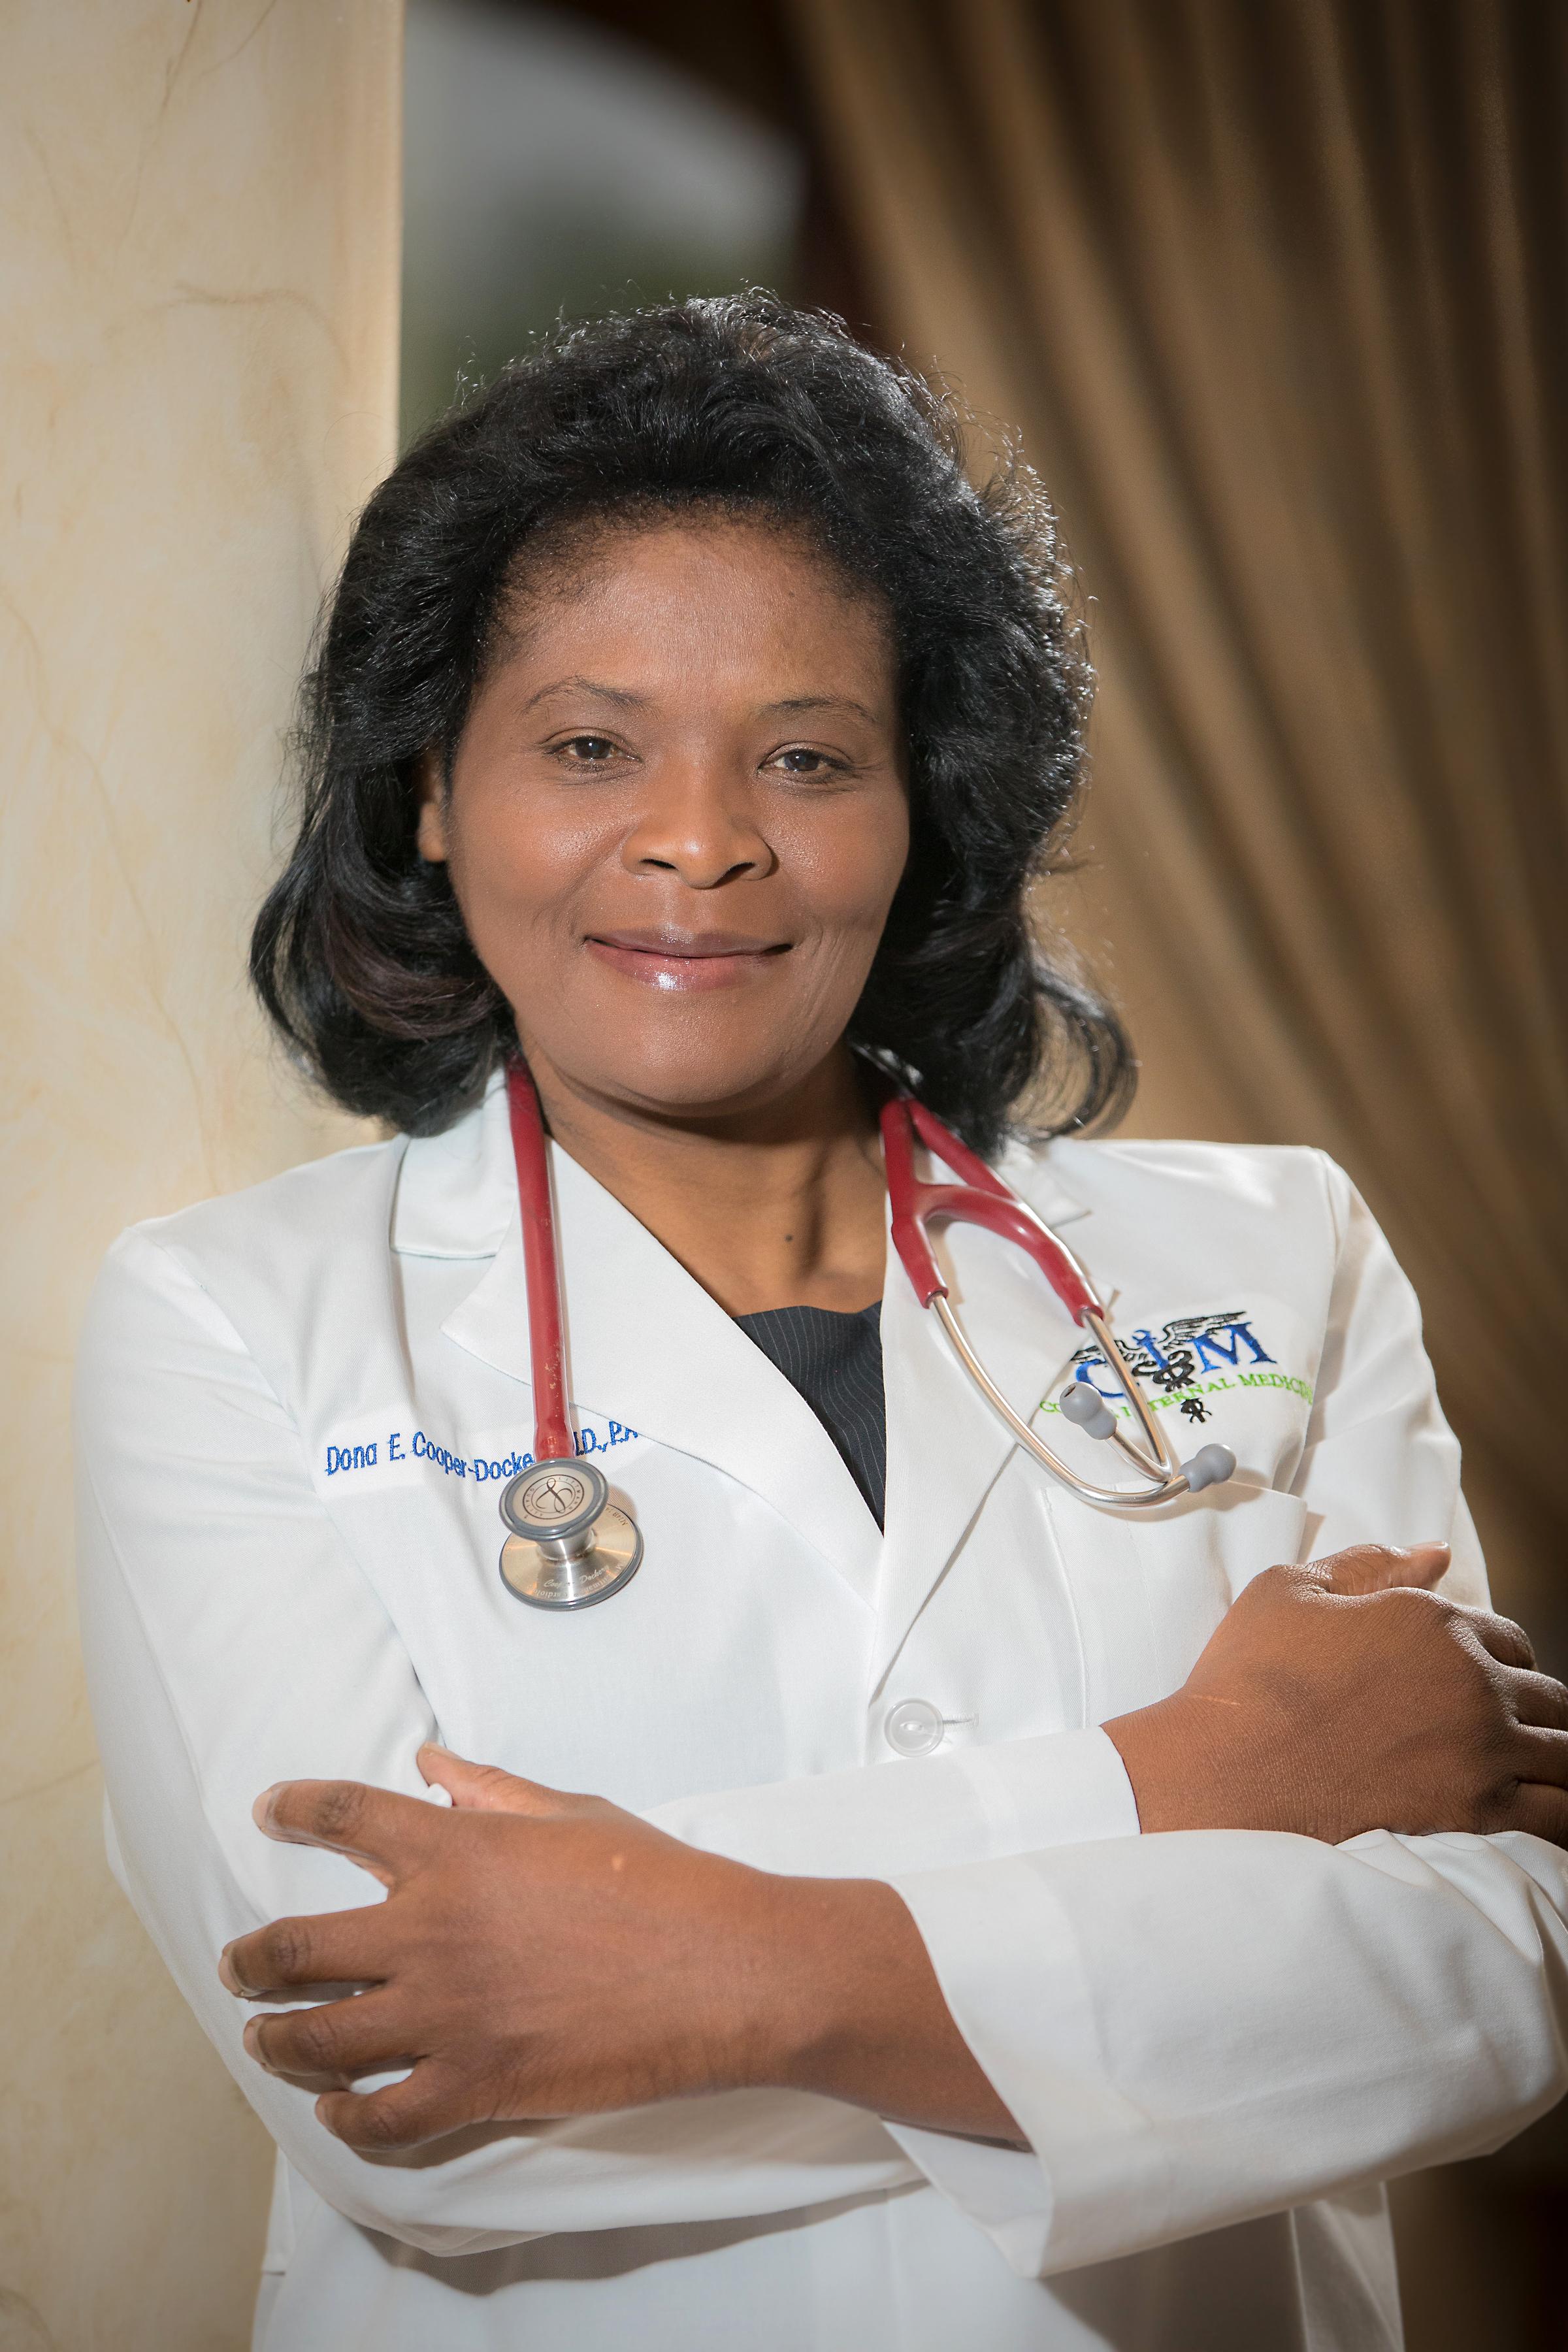 Dr. Dona Cooper-Dockery